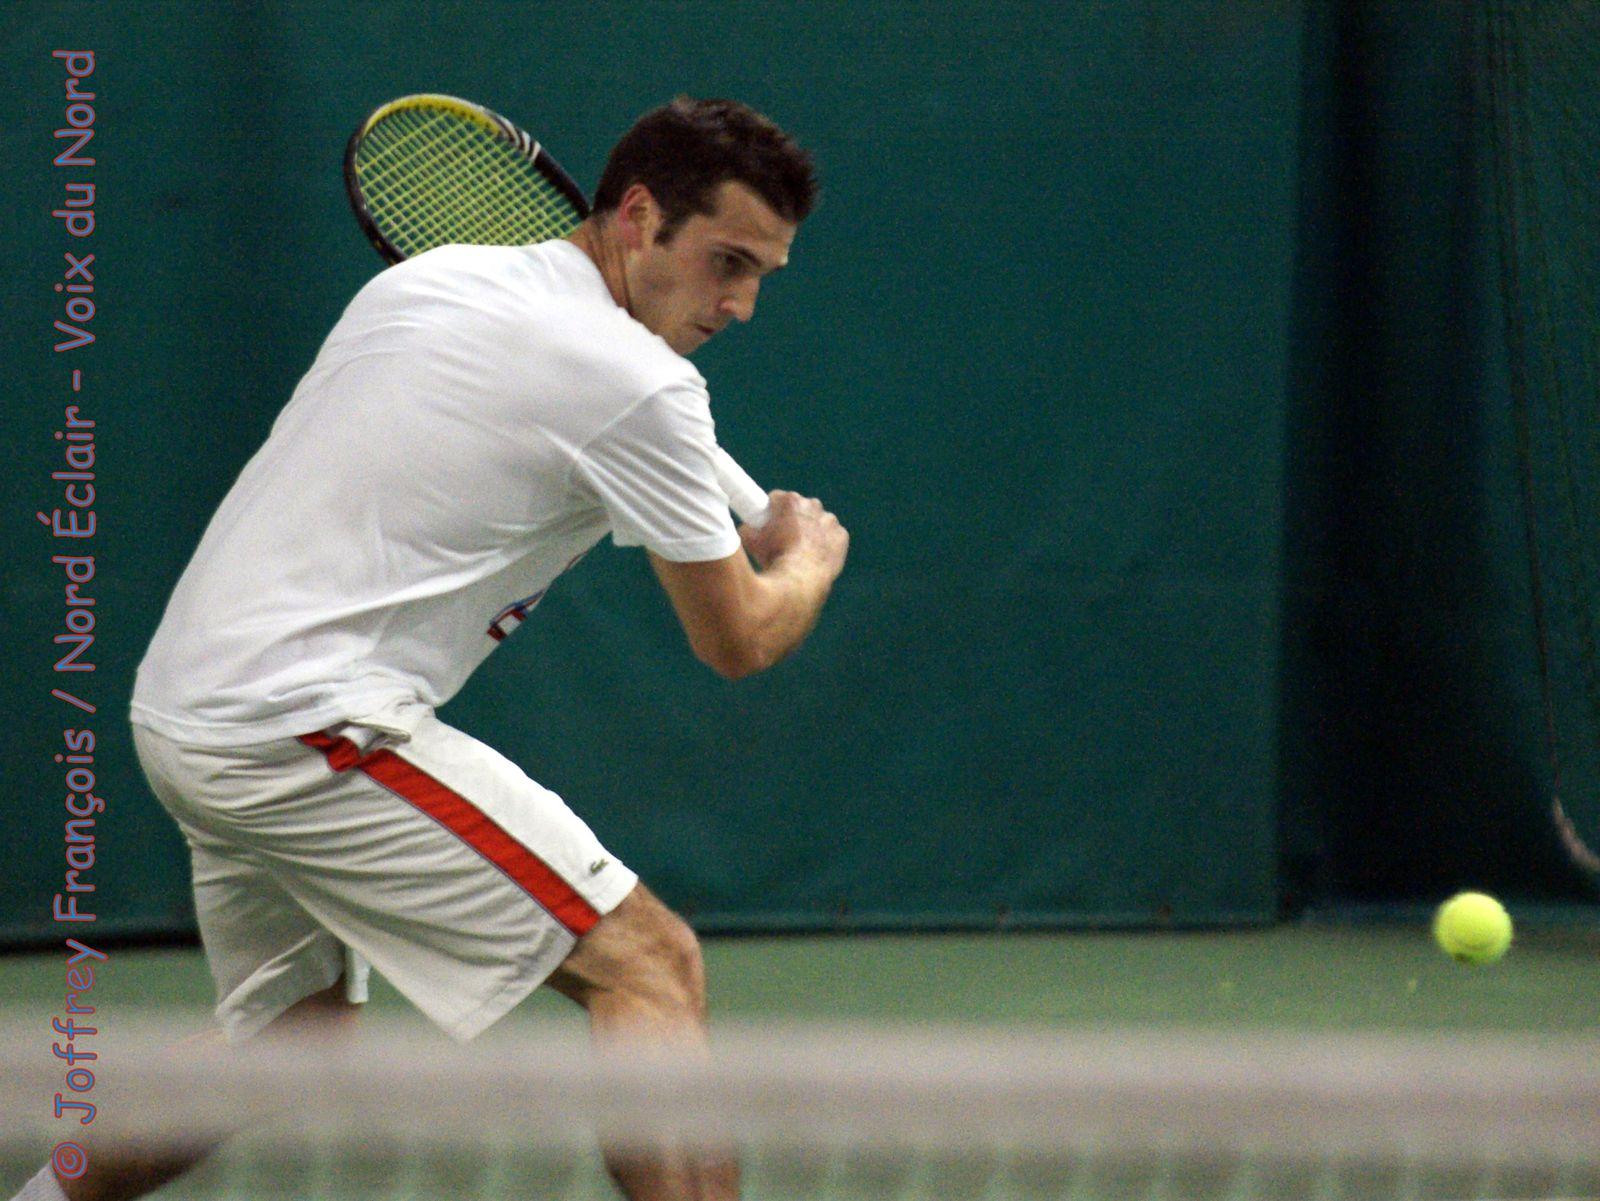 23.11.13 Ping + tennis